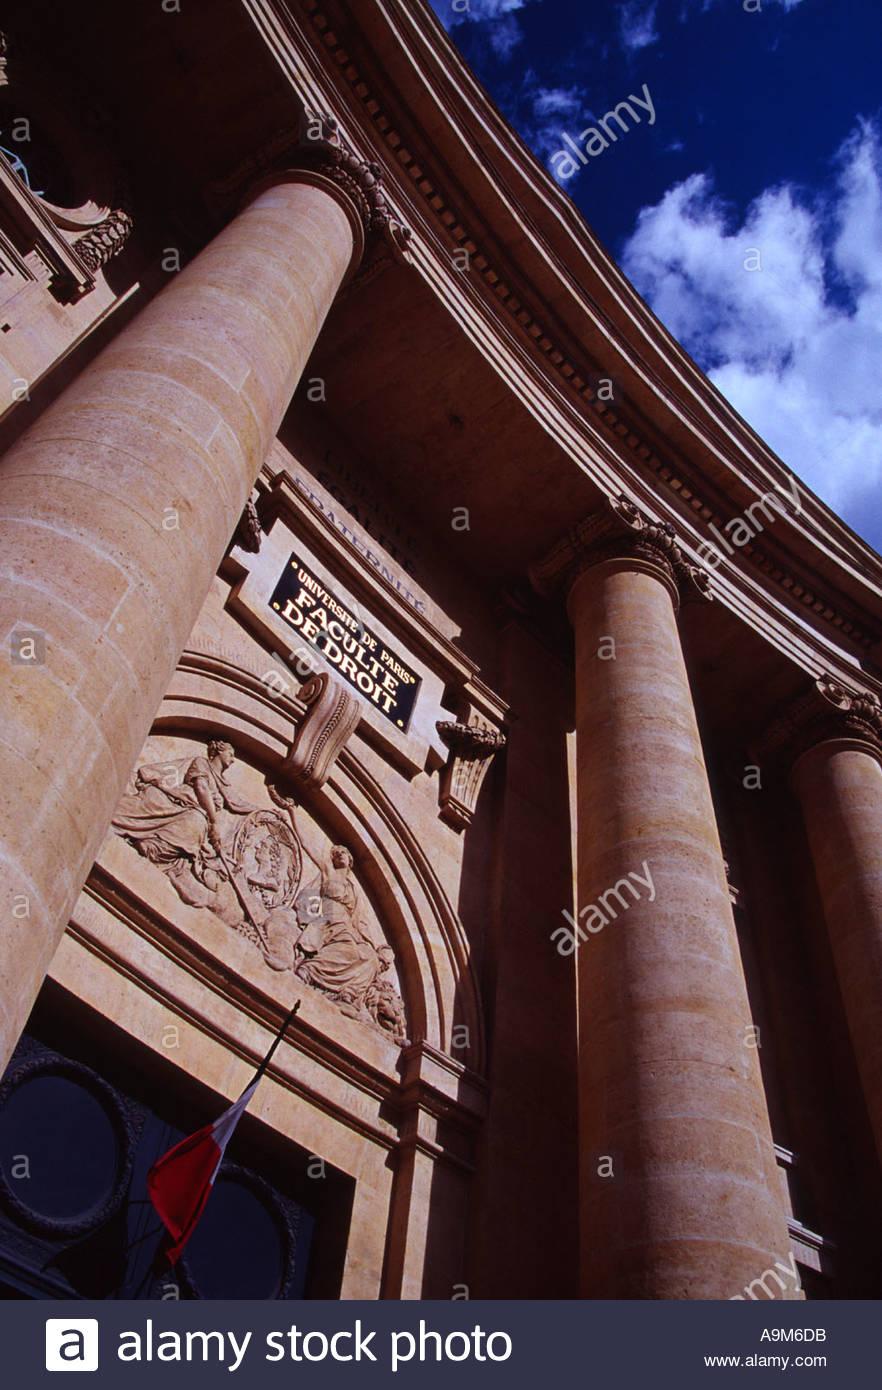 Faculty de droit buildings The Sorbonne Paris France - Stock Image